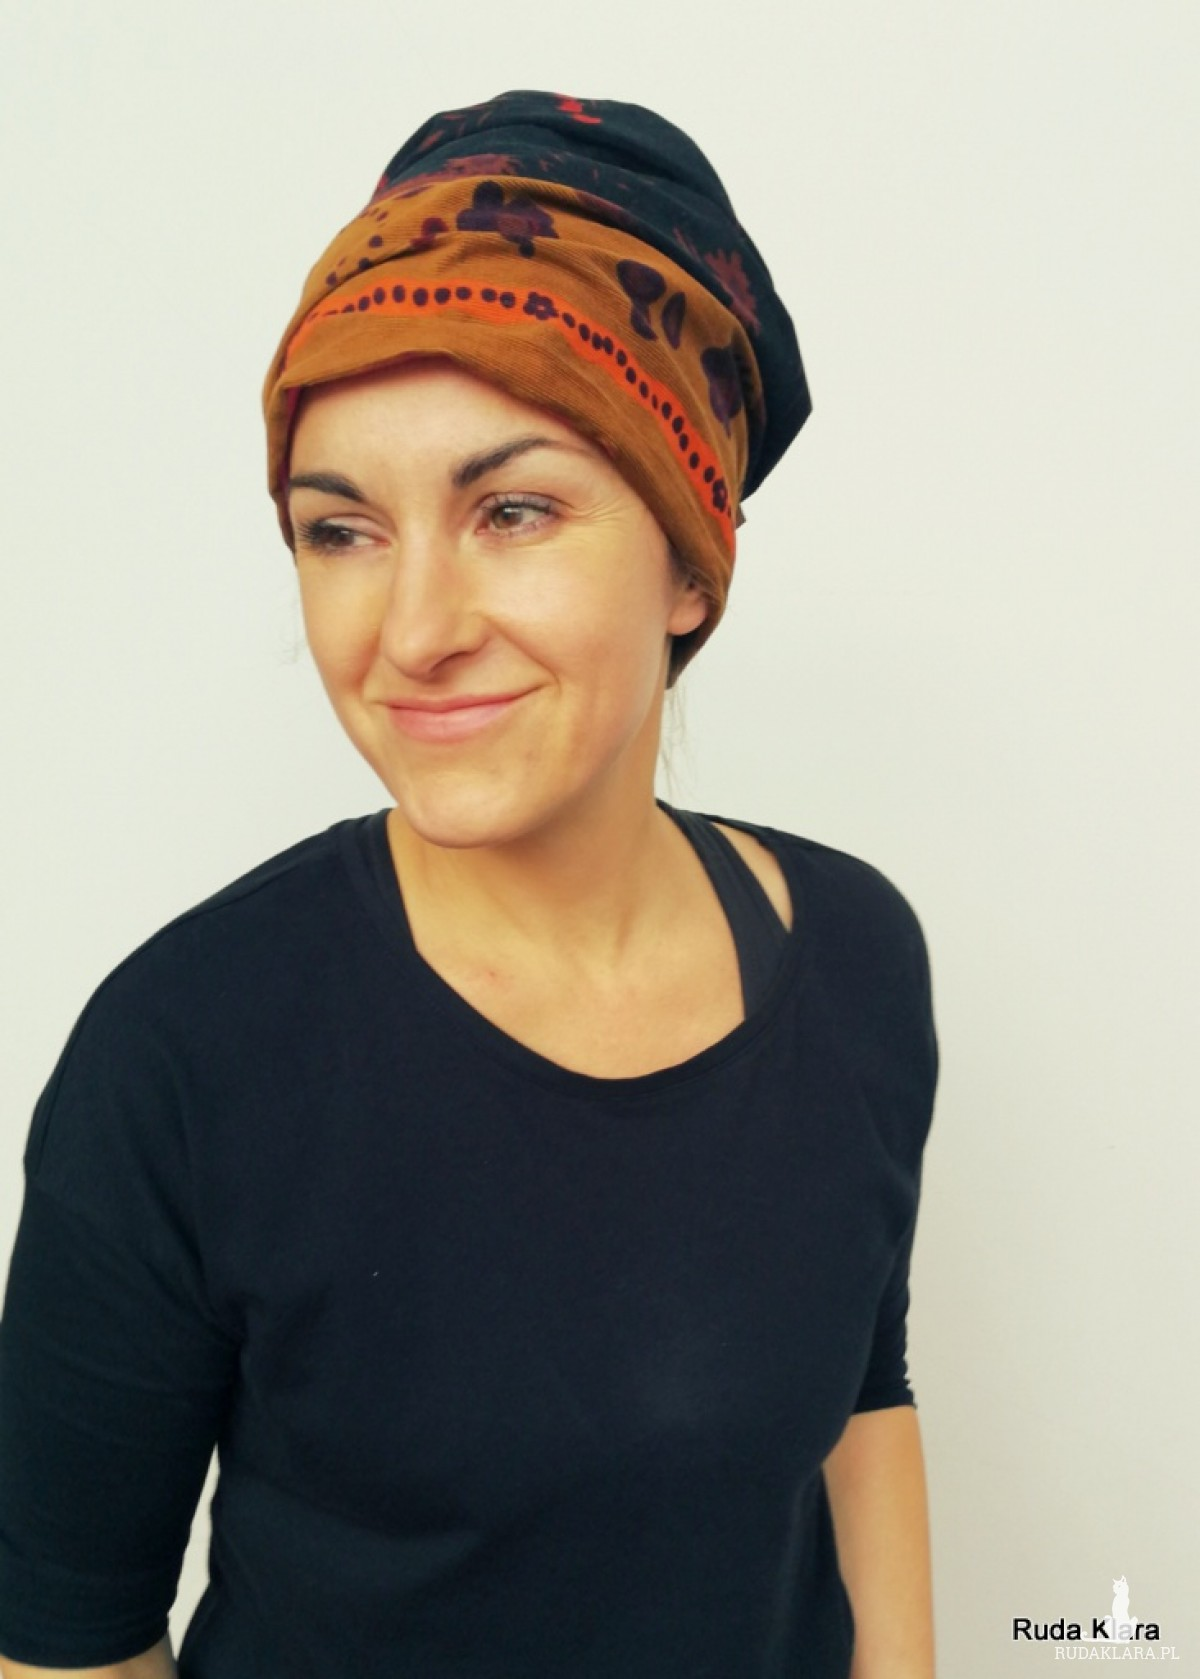 czapka damska etno boho orientalna smerfetka handmade uszyta z włoskiego miękkiego sztruksu